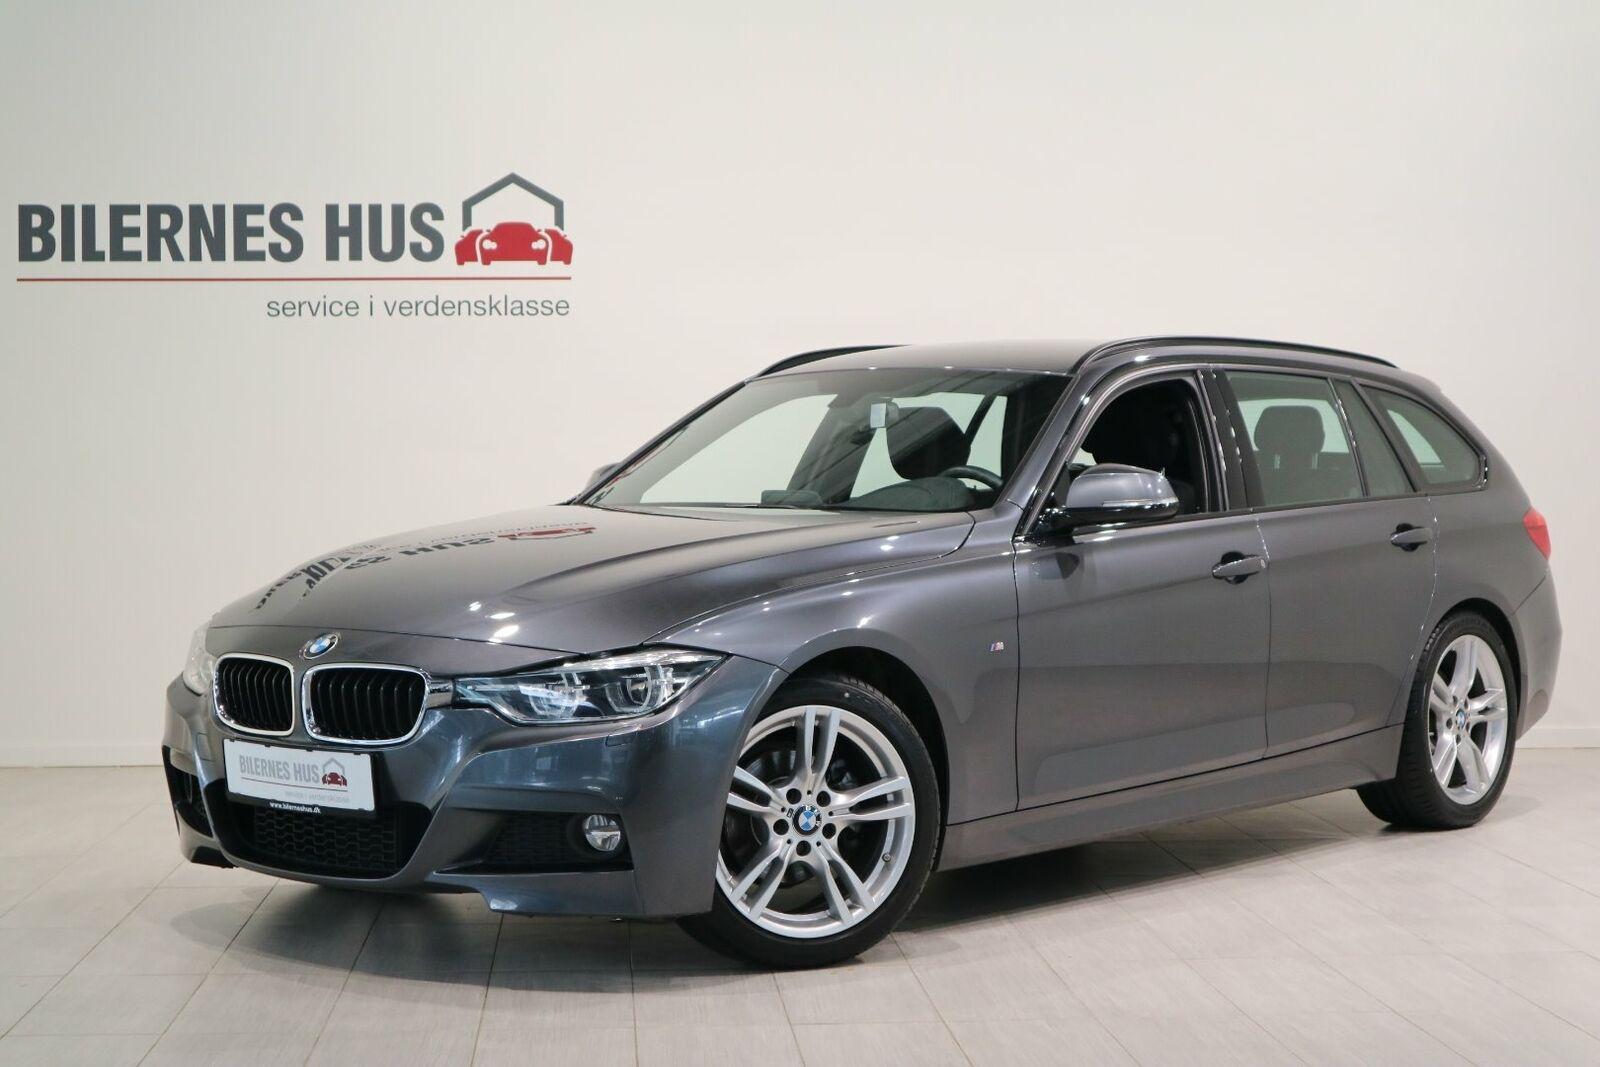 BMW 320i Billede 1